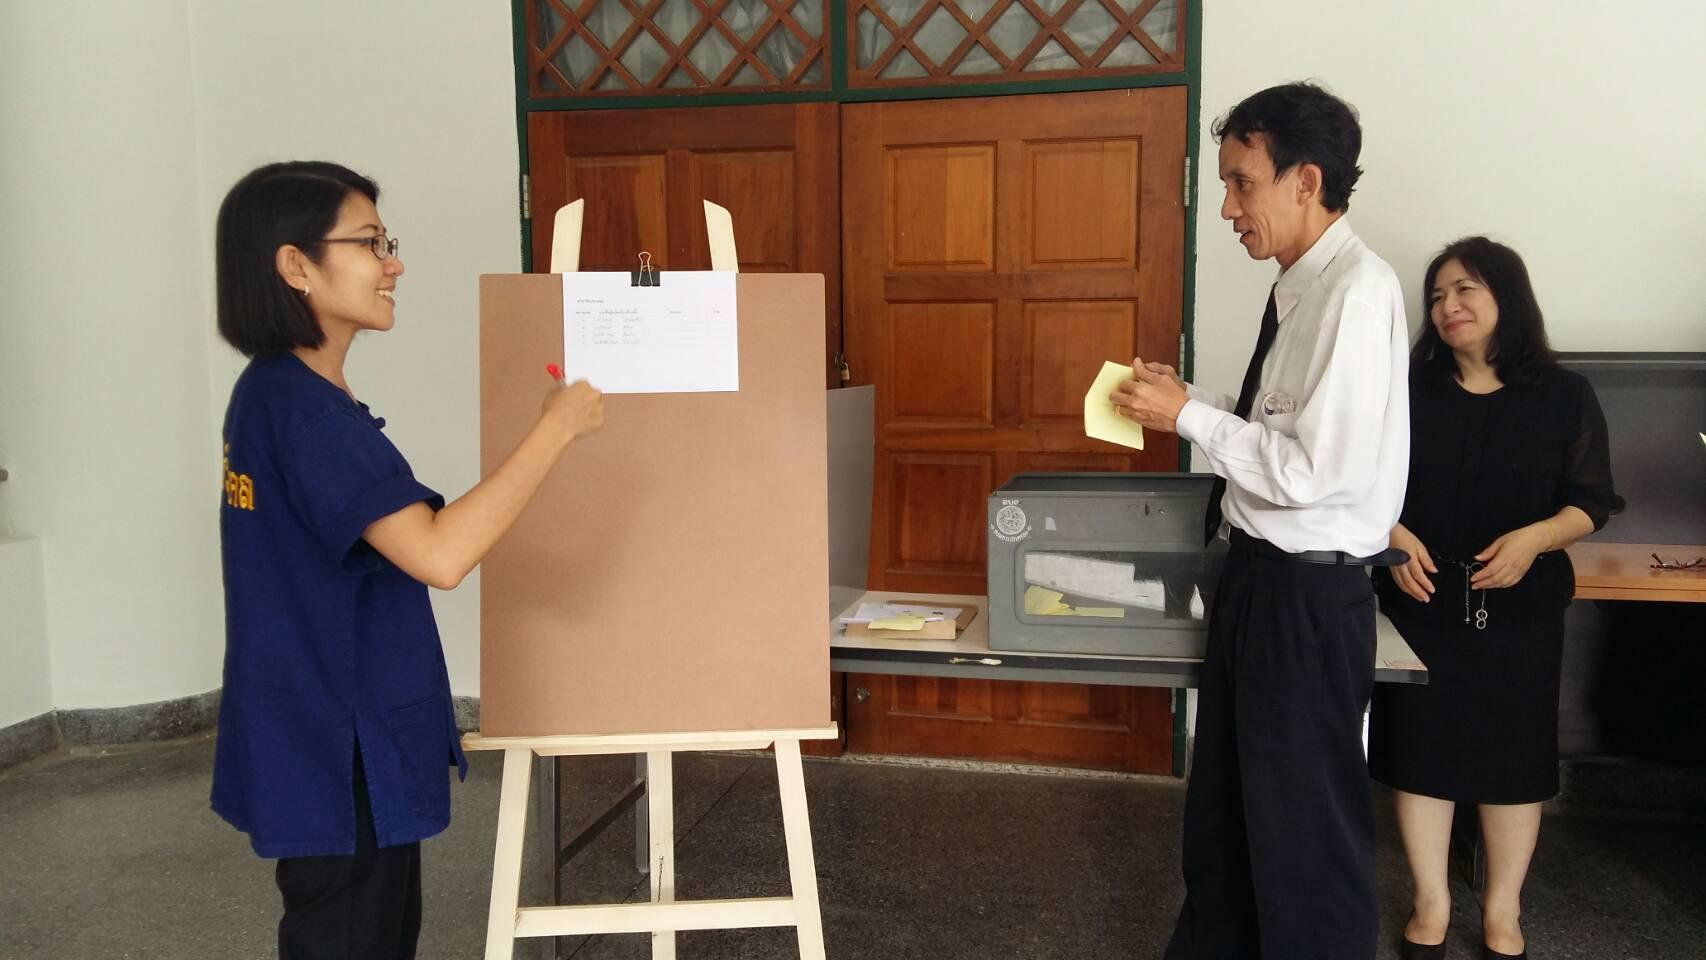 คณะบริหารธุรกิจและศิลปศาสตร์ นับคะแนนเสียงจากการเลือกตั้งกรรมการประจำคณะ